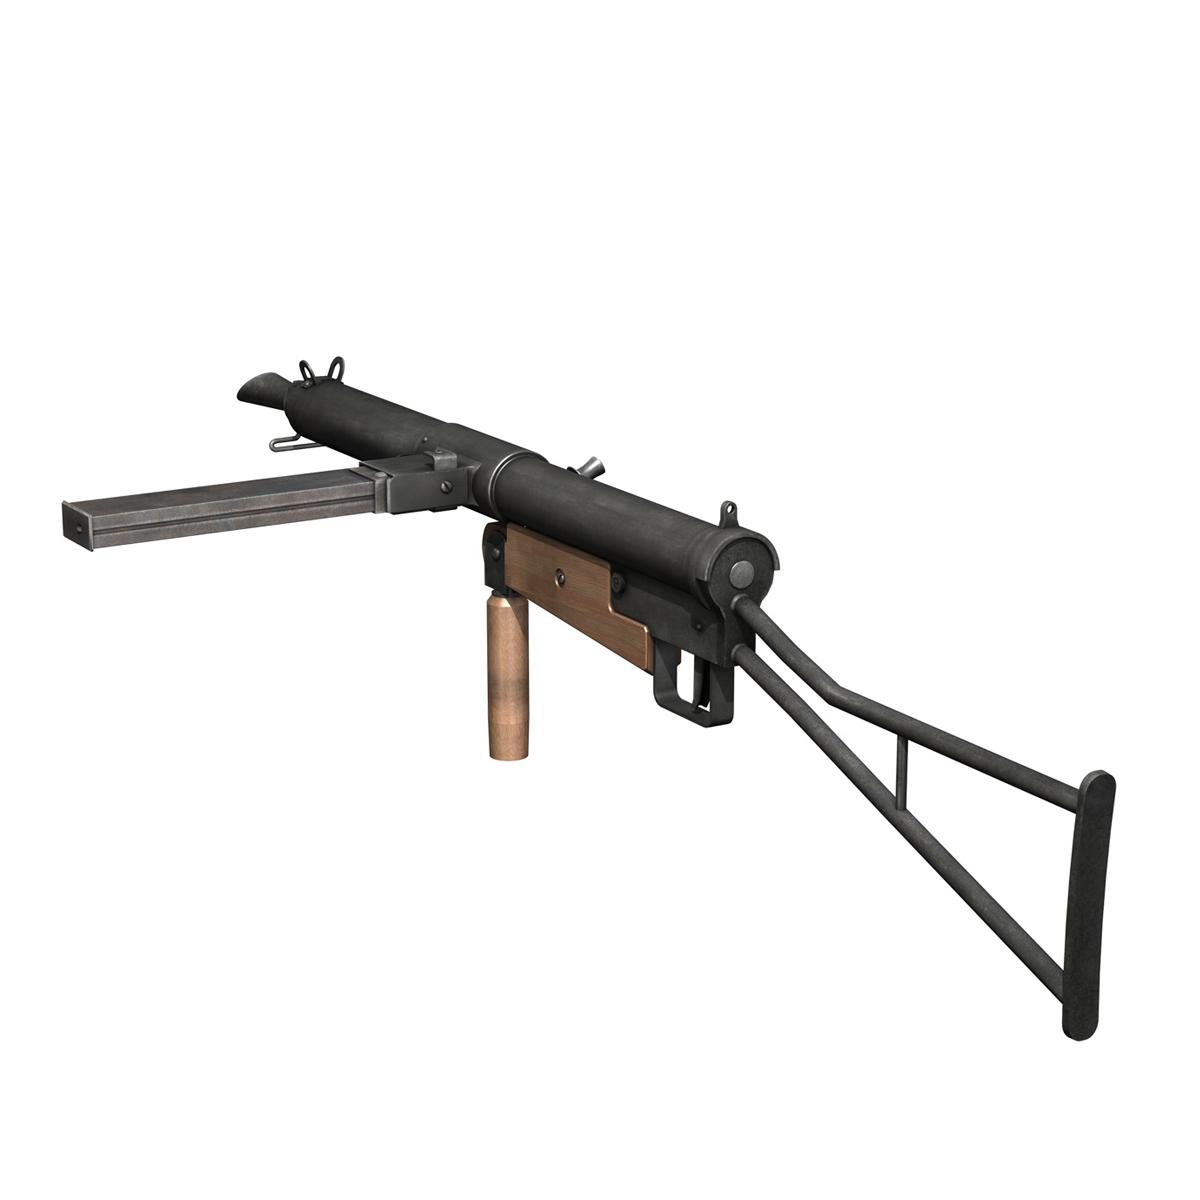 sten submachine gun – collection 3d model 3ds fbx c4d lwo obj 199297